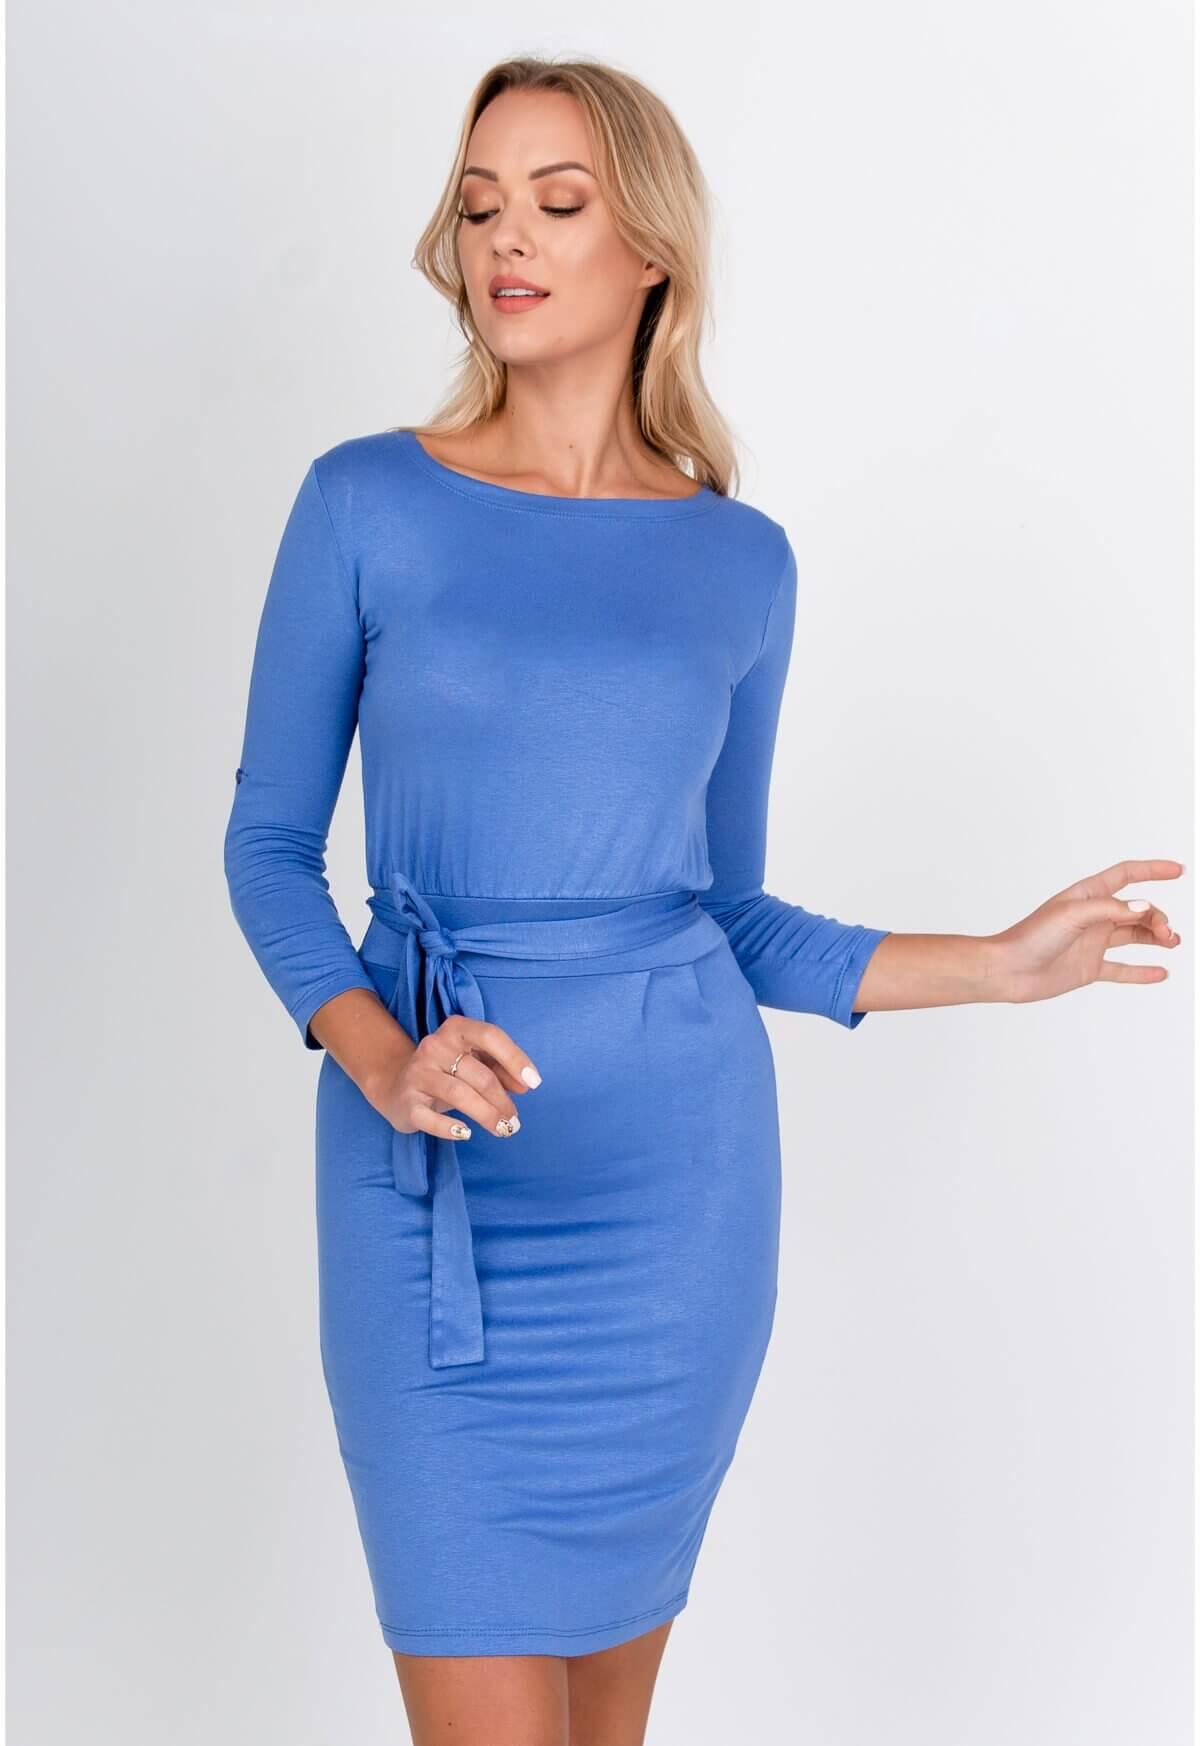 Polodlhé modré púzdrové šaty s opaskom